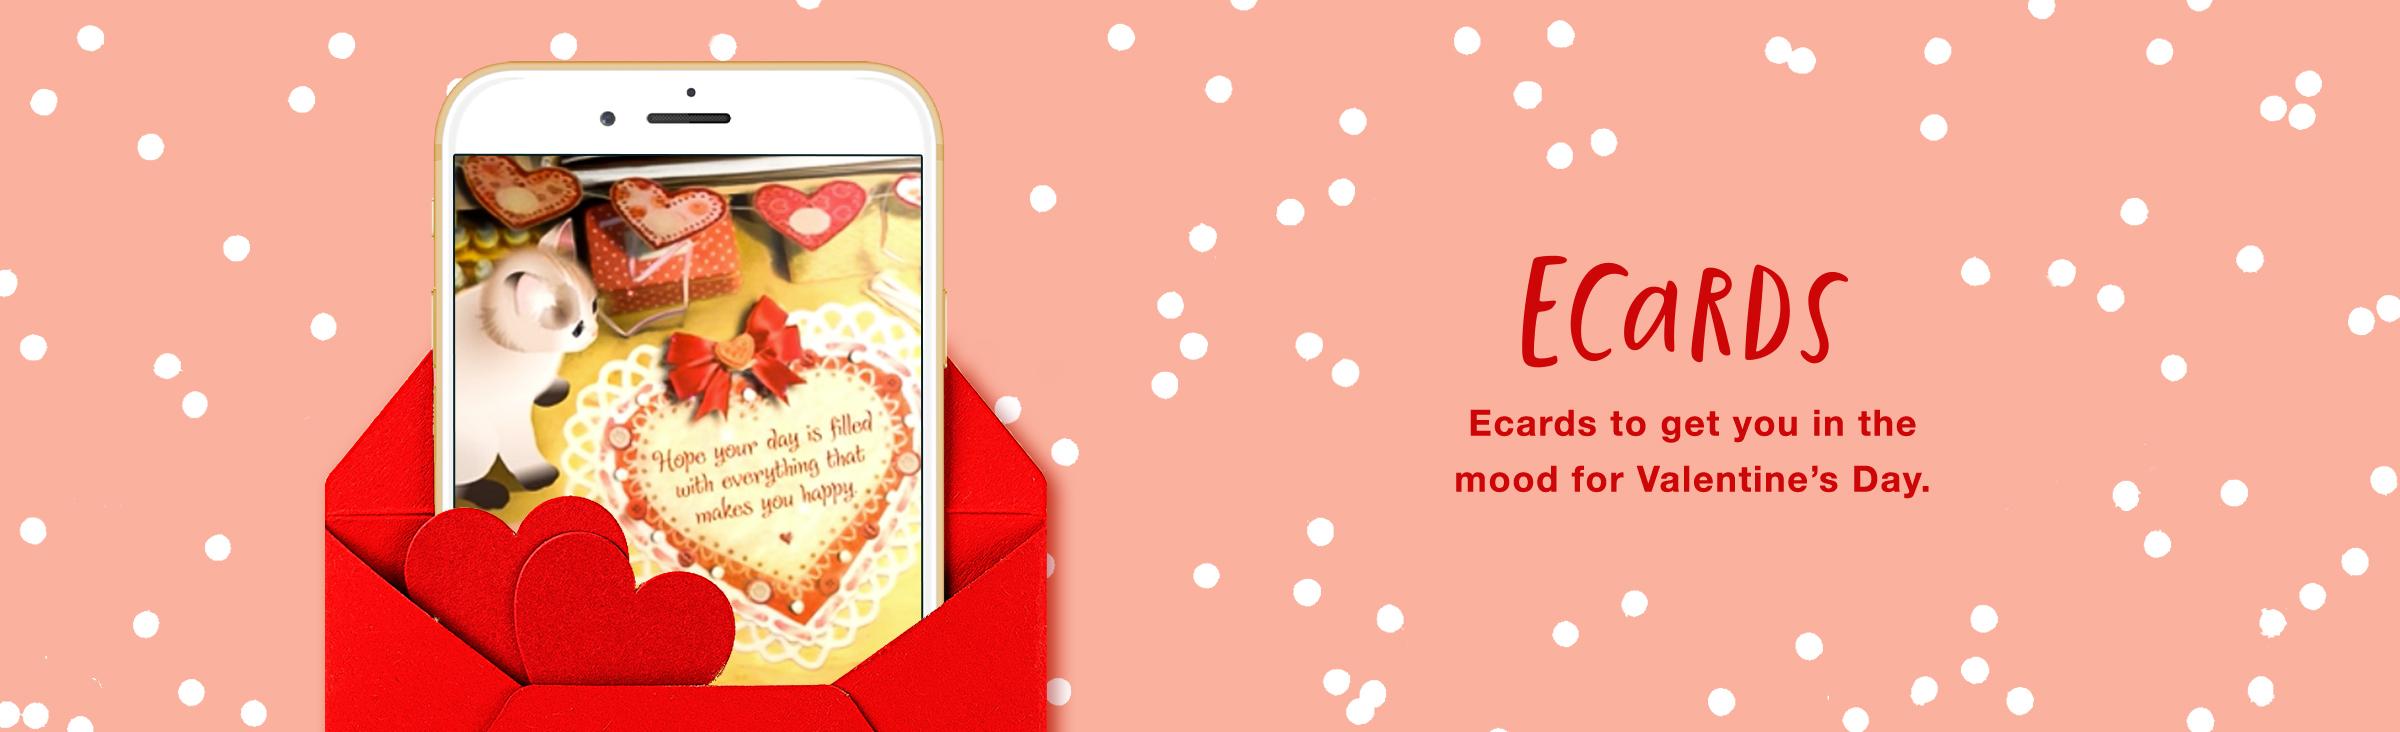 Valentine's Day Ecards Banner